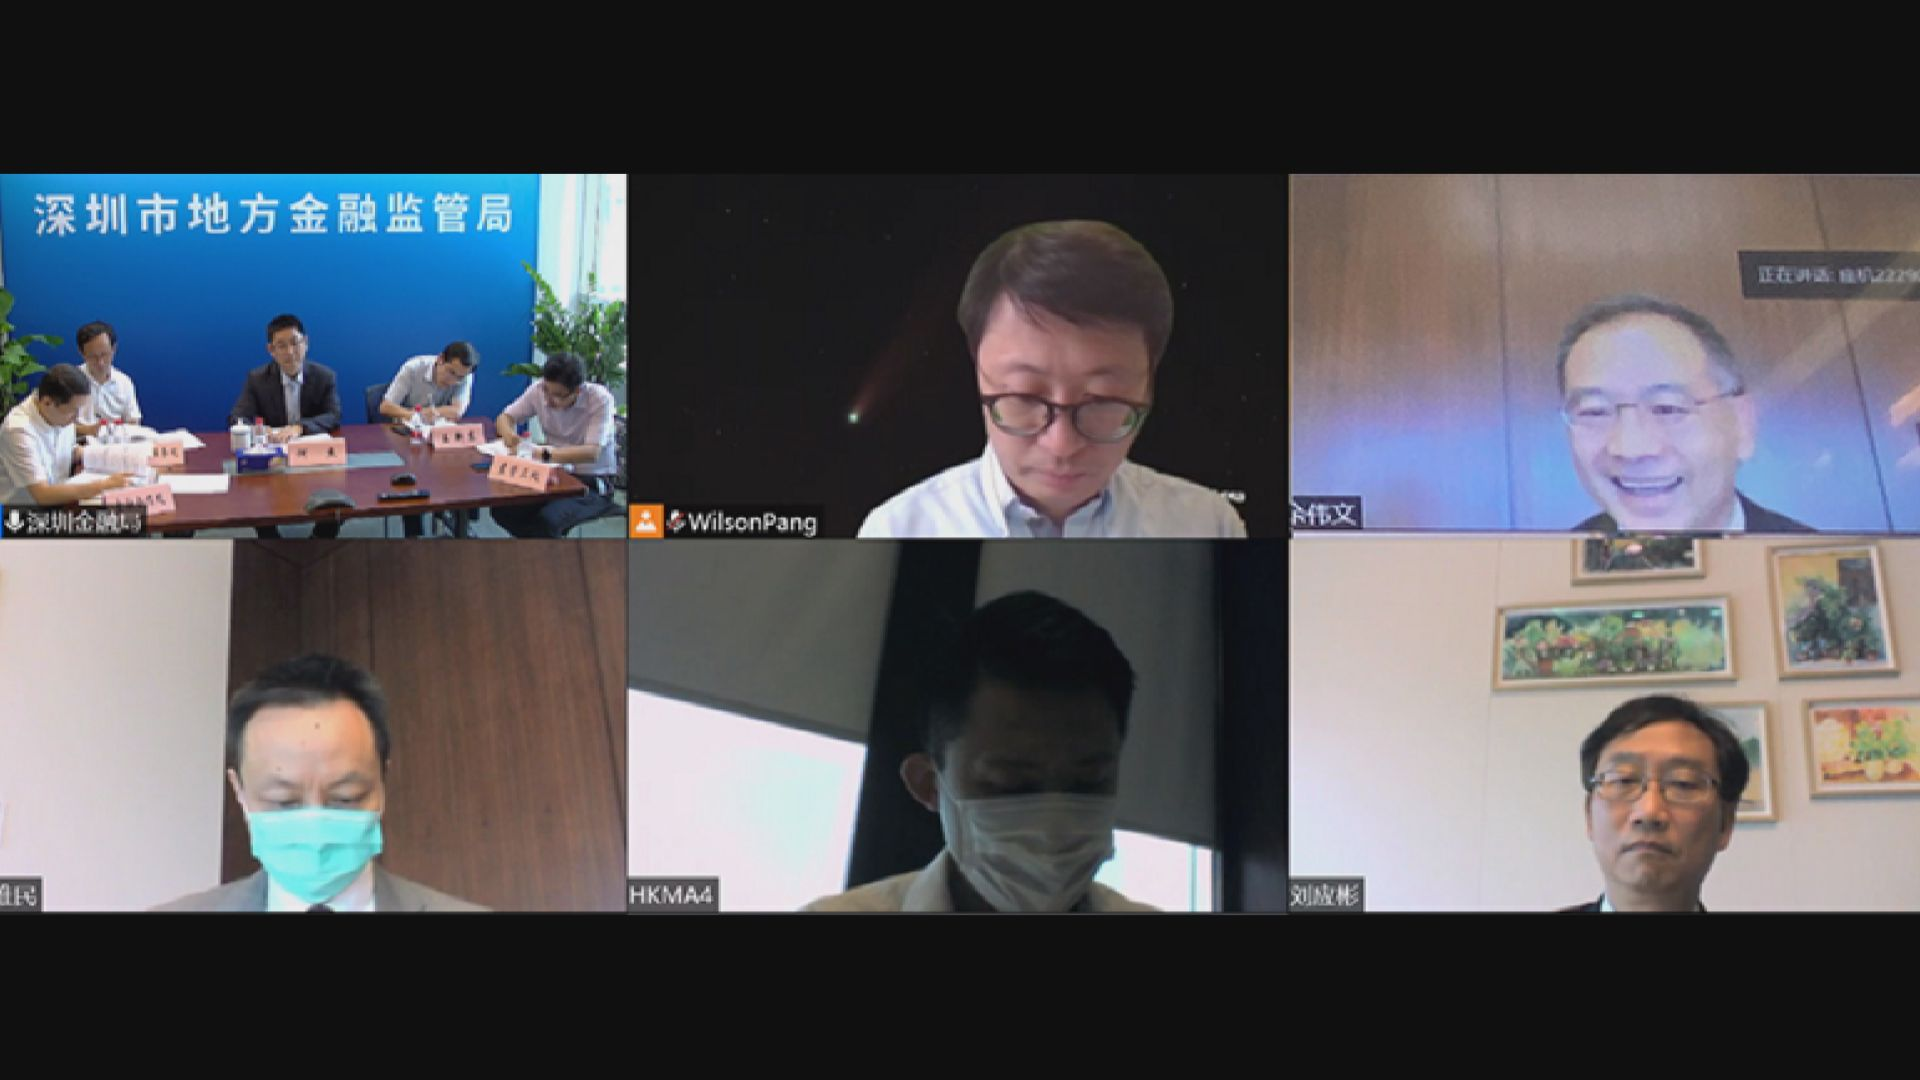 深港金管官員視像會議談深化交流與合作